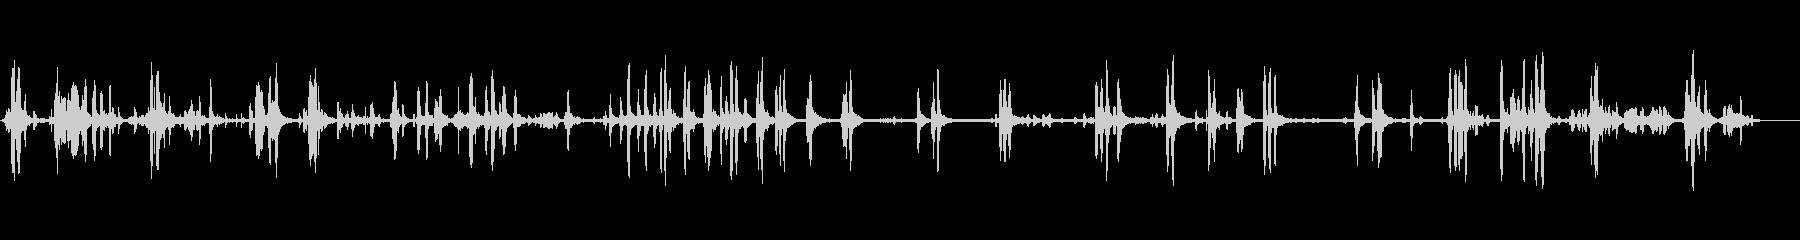 ウーパースワンズ、バード; DIG...の未再生の波形